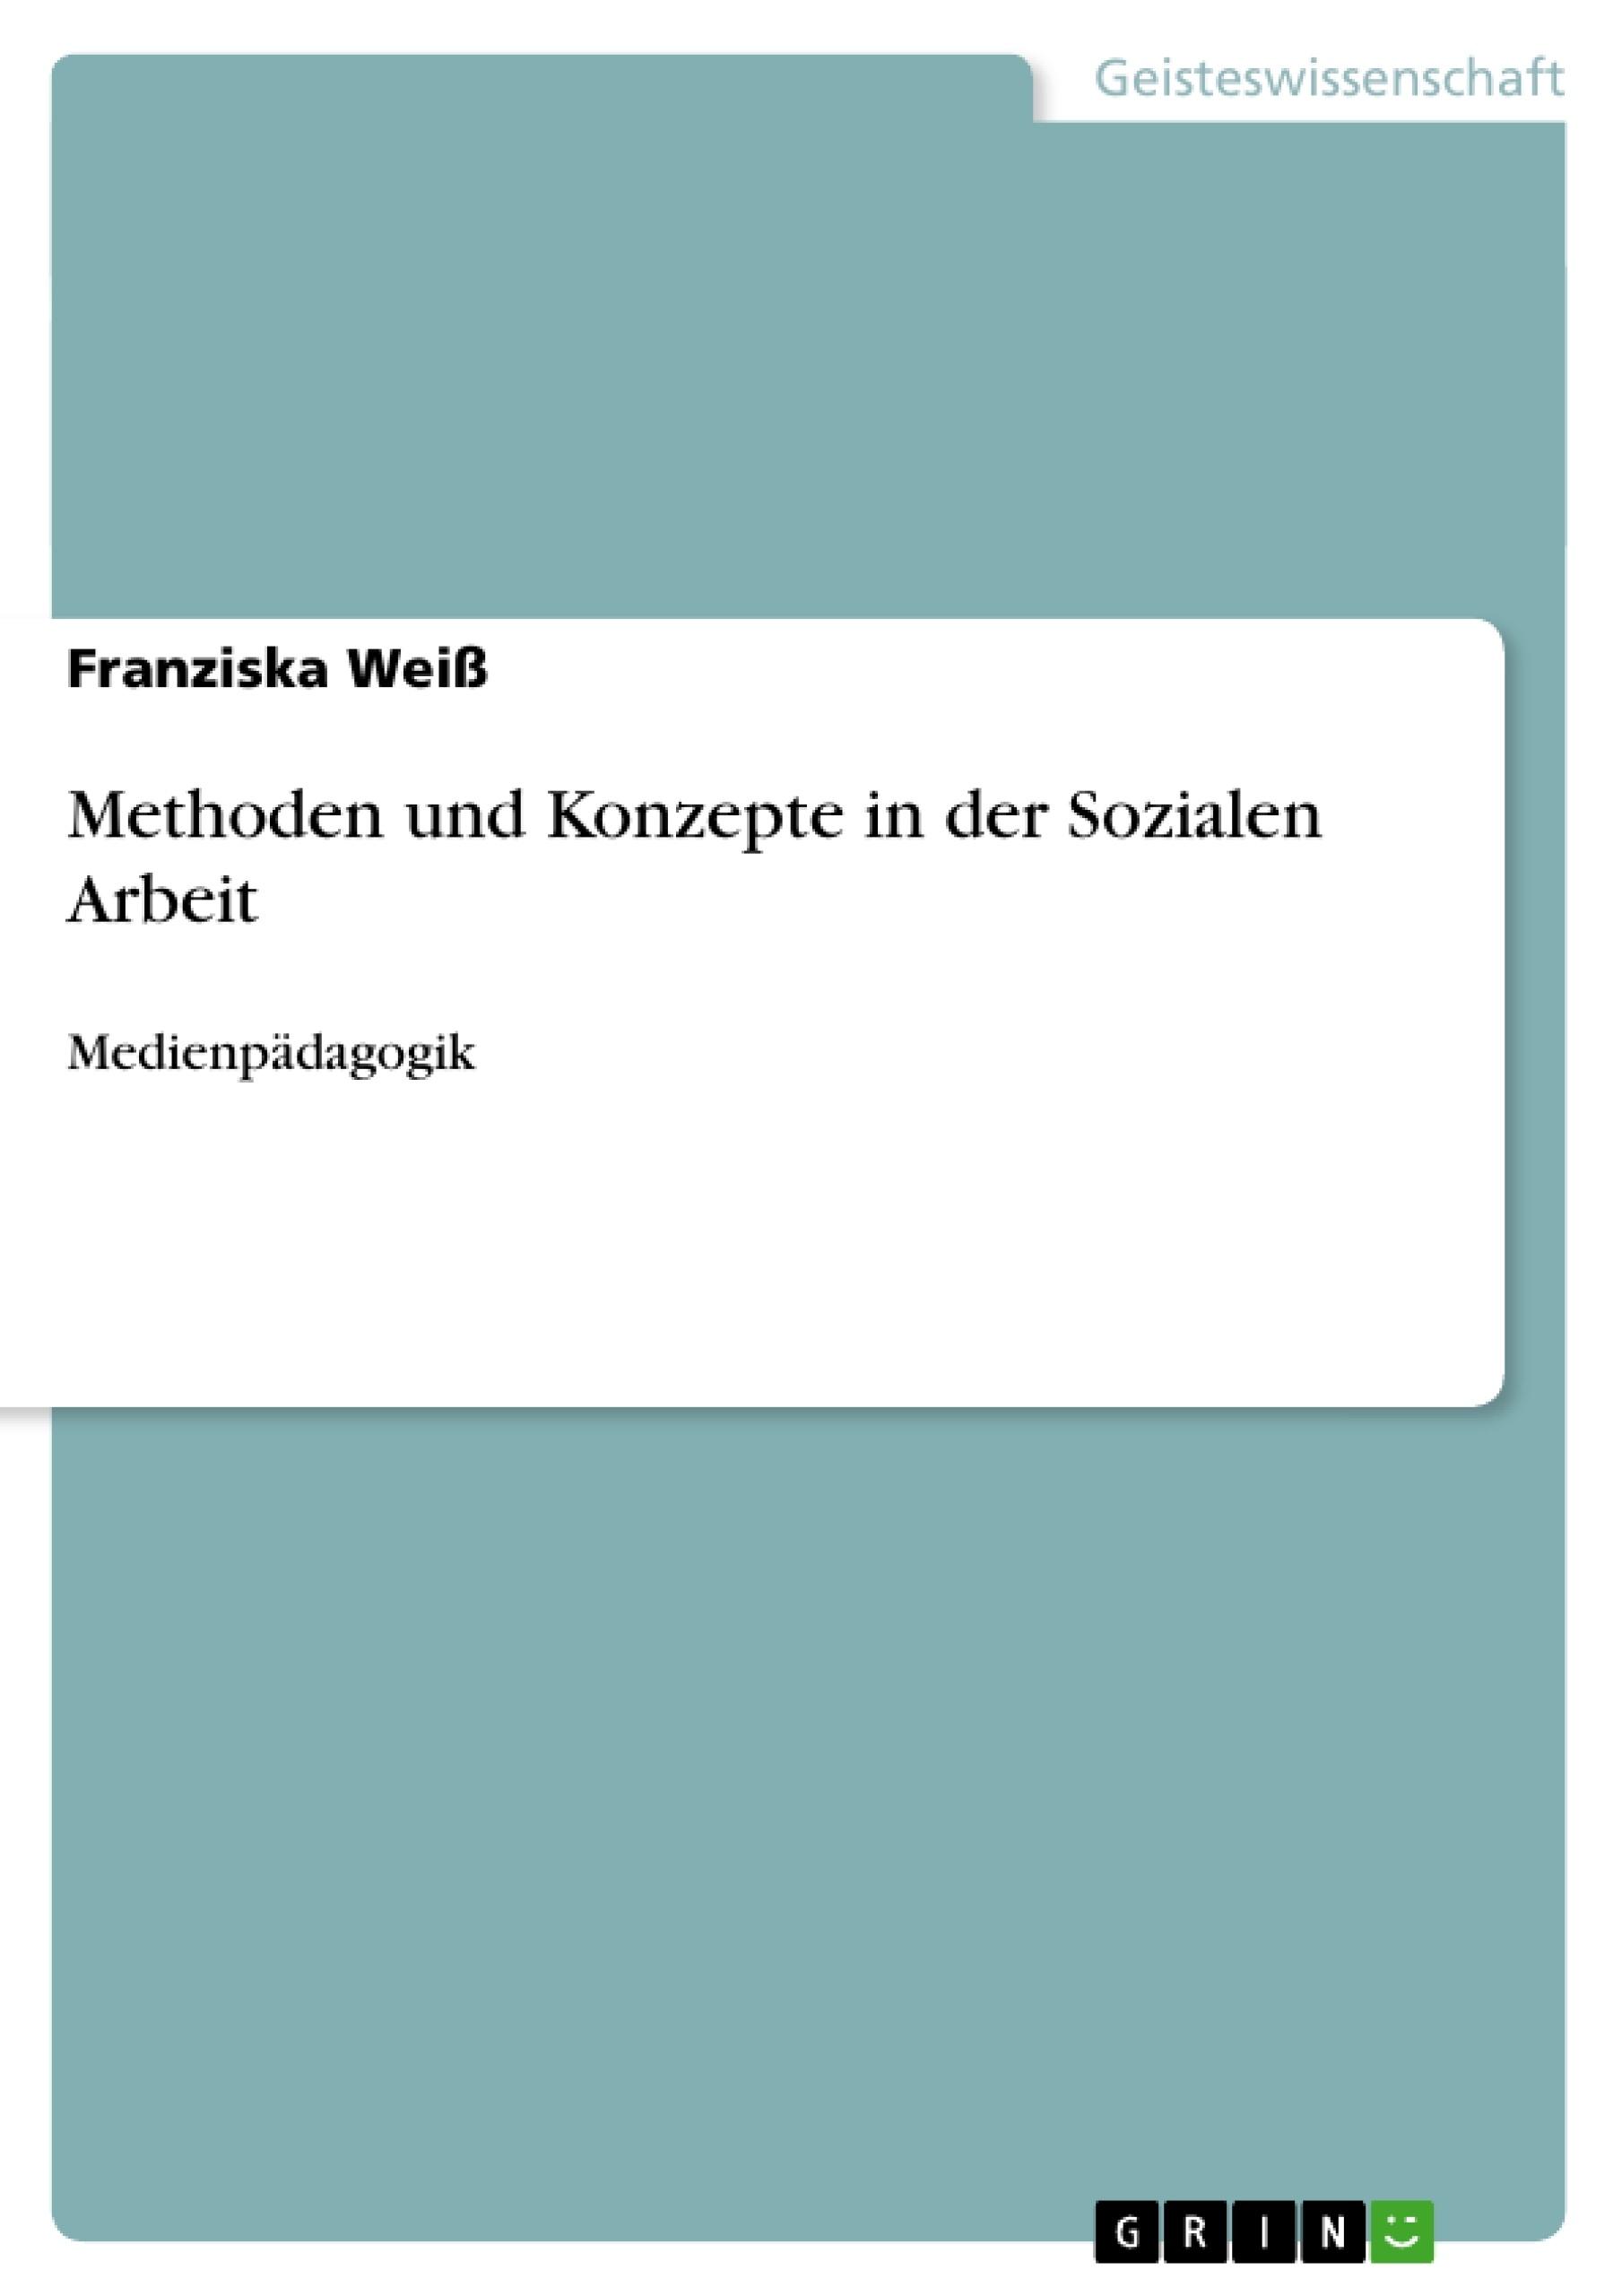 Titel: Methoden und Konzepte in der Sozialen Arbeit